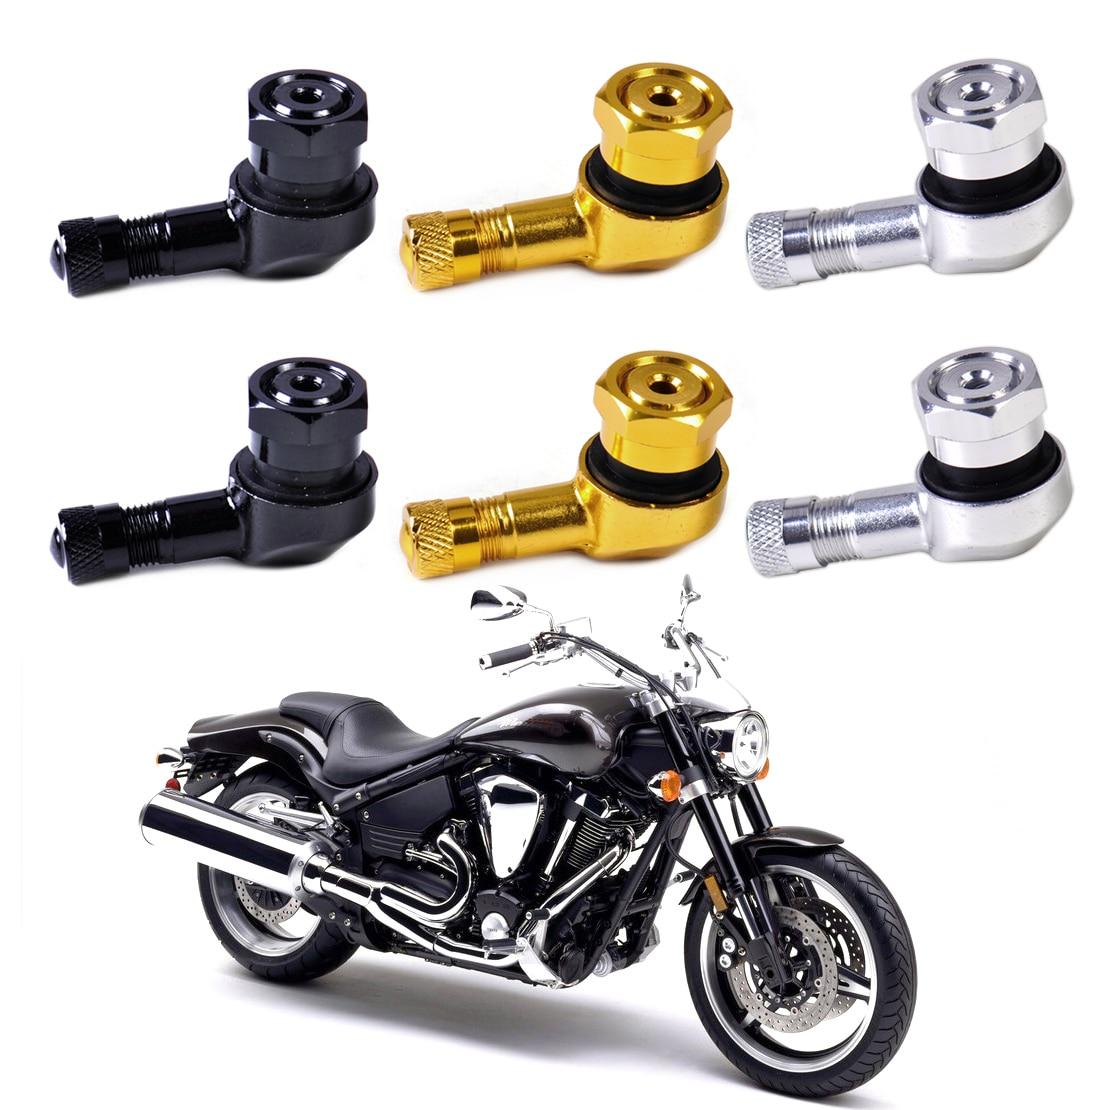 beler 2pcs 11.3mm Aluminum Wheels Tyre Tire Valve Stem Cap 90 Degree for Motorcycle Car Truck For Harley Chopper Honda ATV KTM